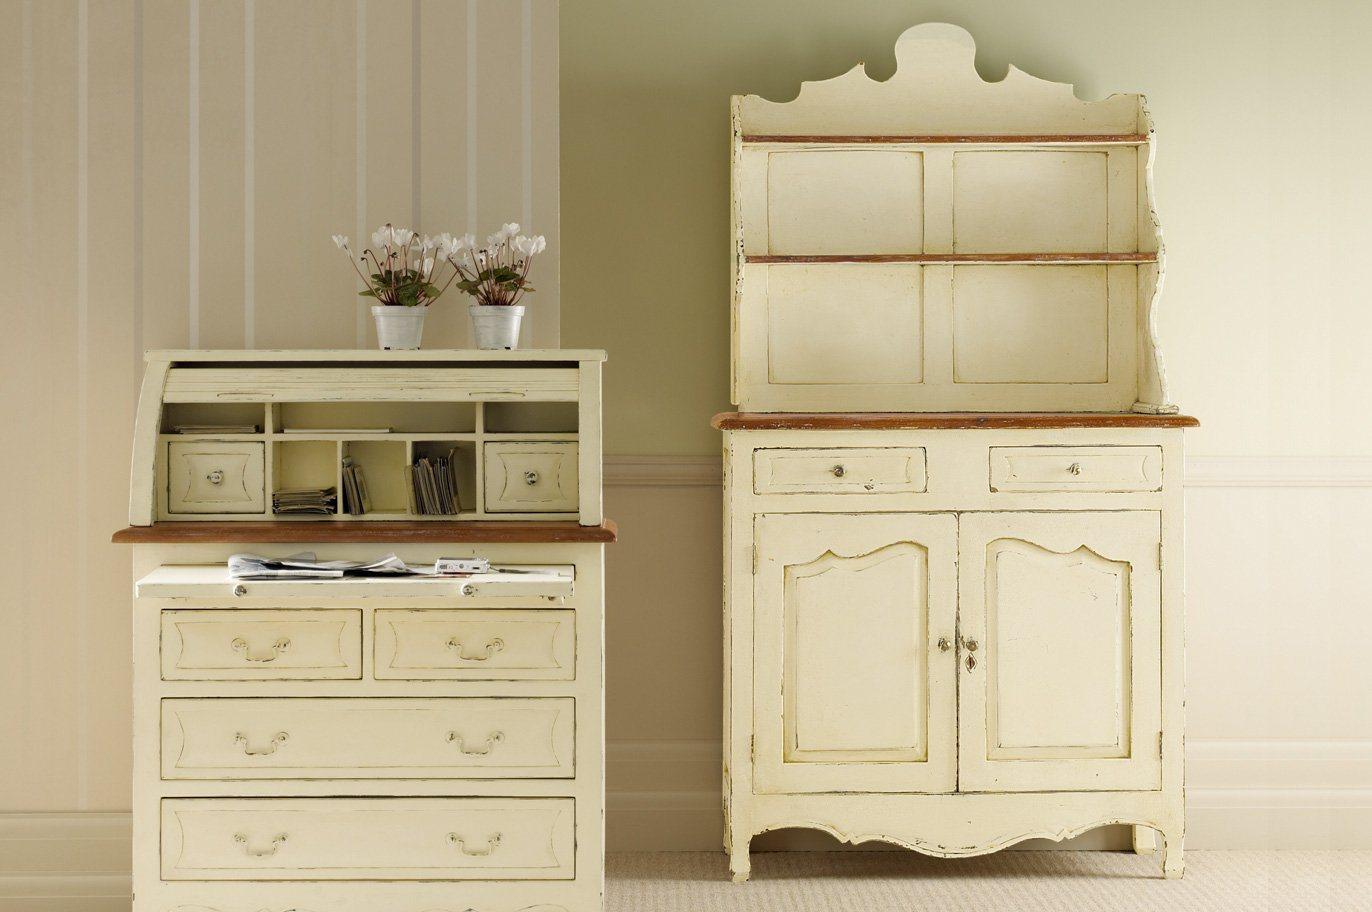 móveis de cozinha de estilo inglês #684624 1372x912